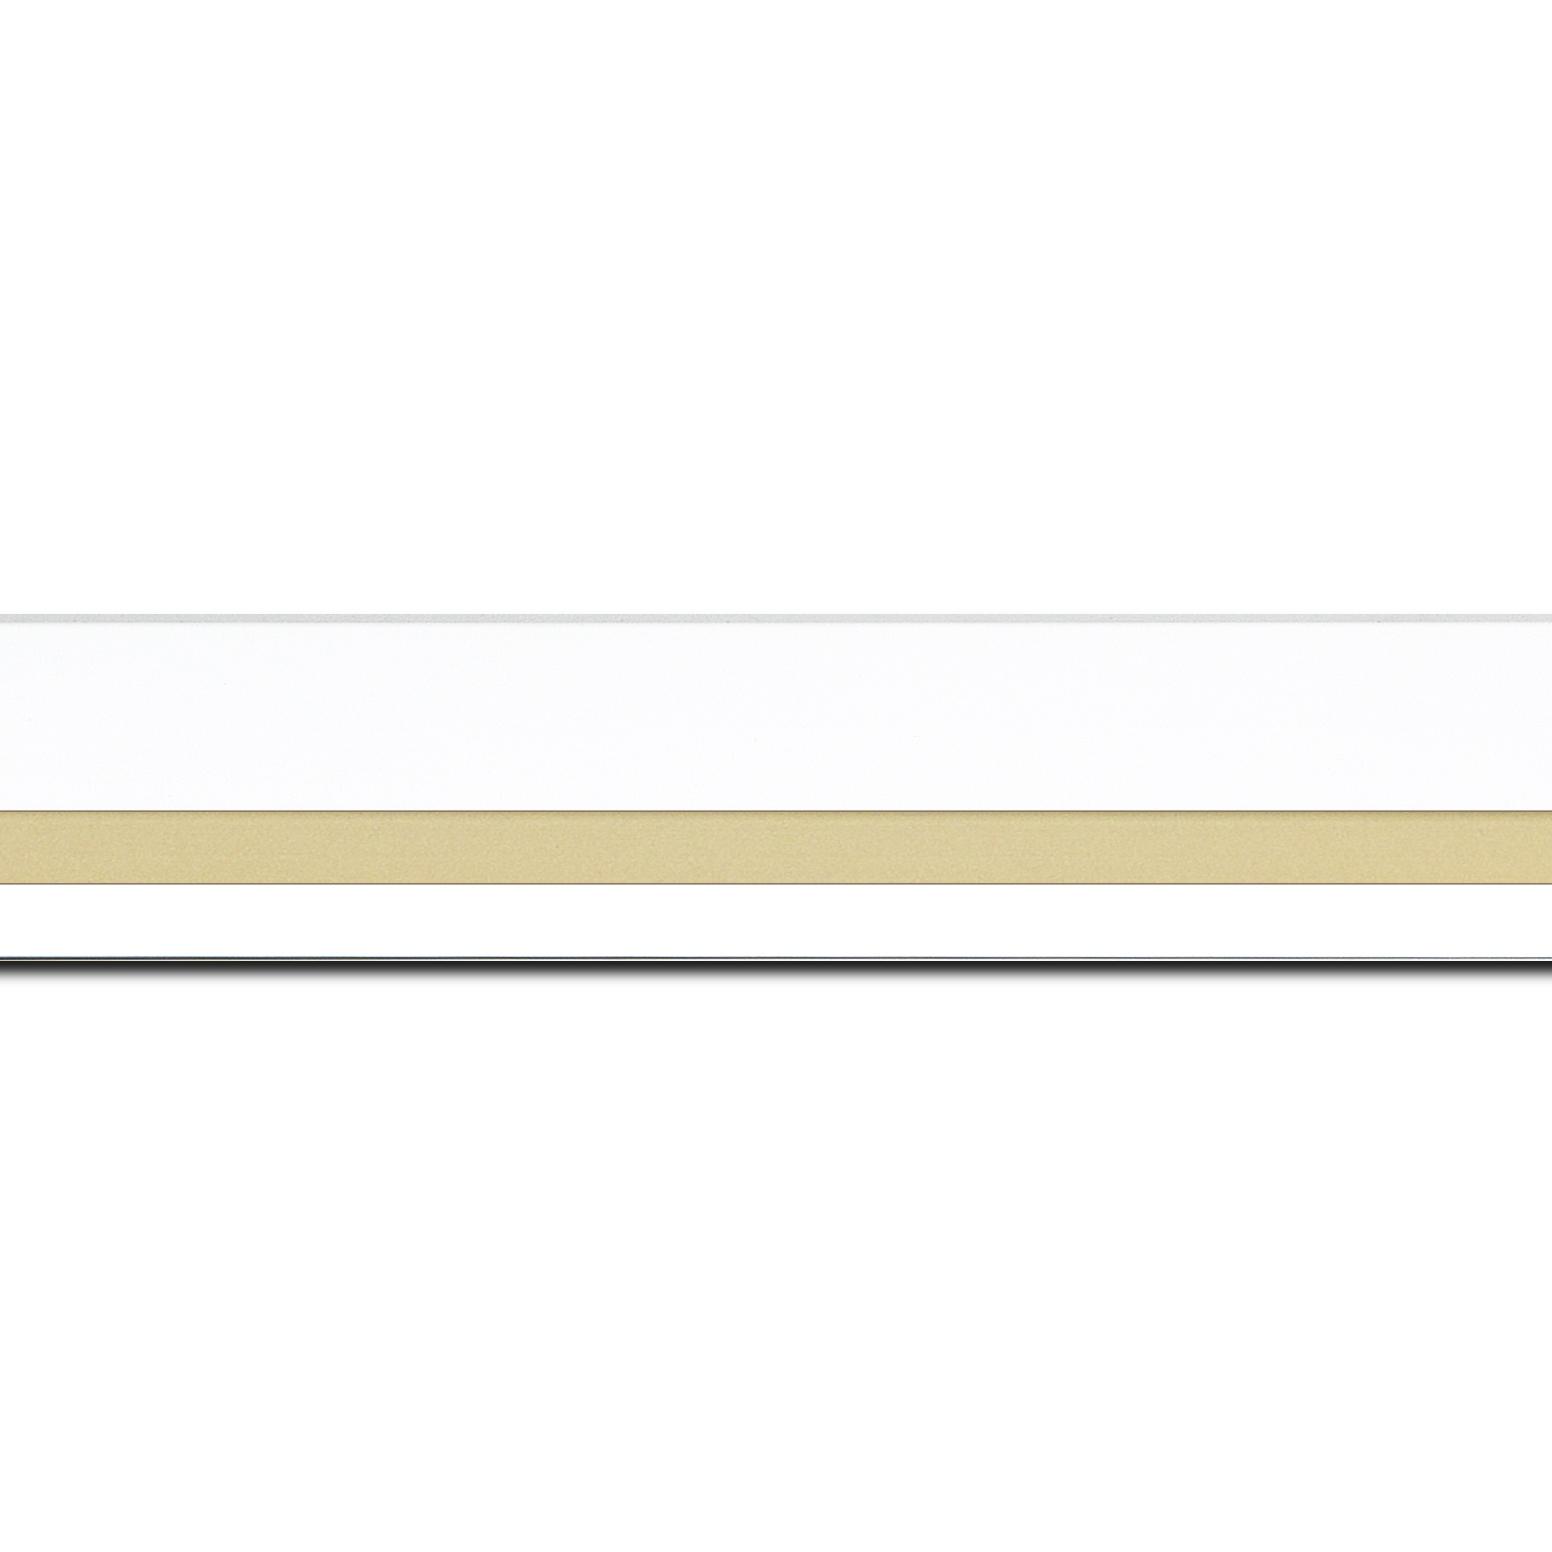 Pack par 12m, bois profil pente largeur 4.5cm de couleur blanc mat filet or (longueur baguette pouvant varier entre 2.40m et 3m selon arrivage des bois)